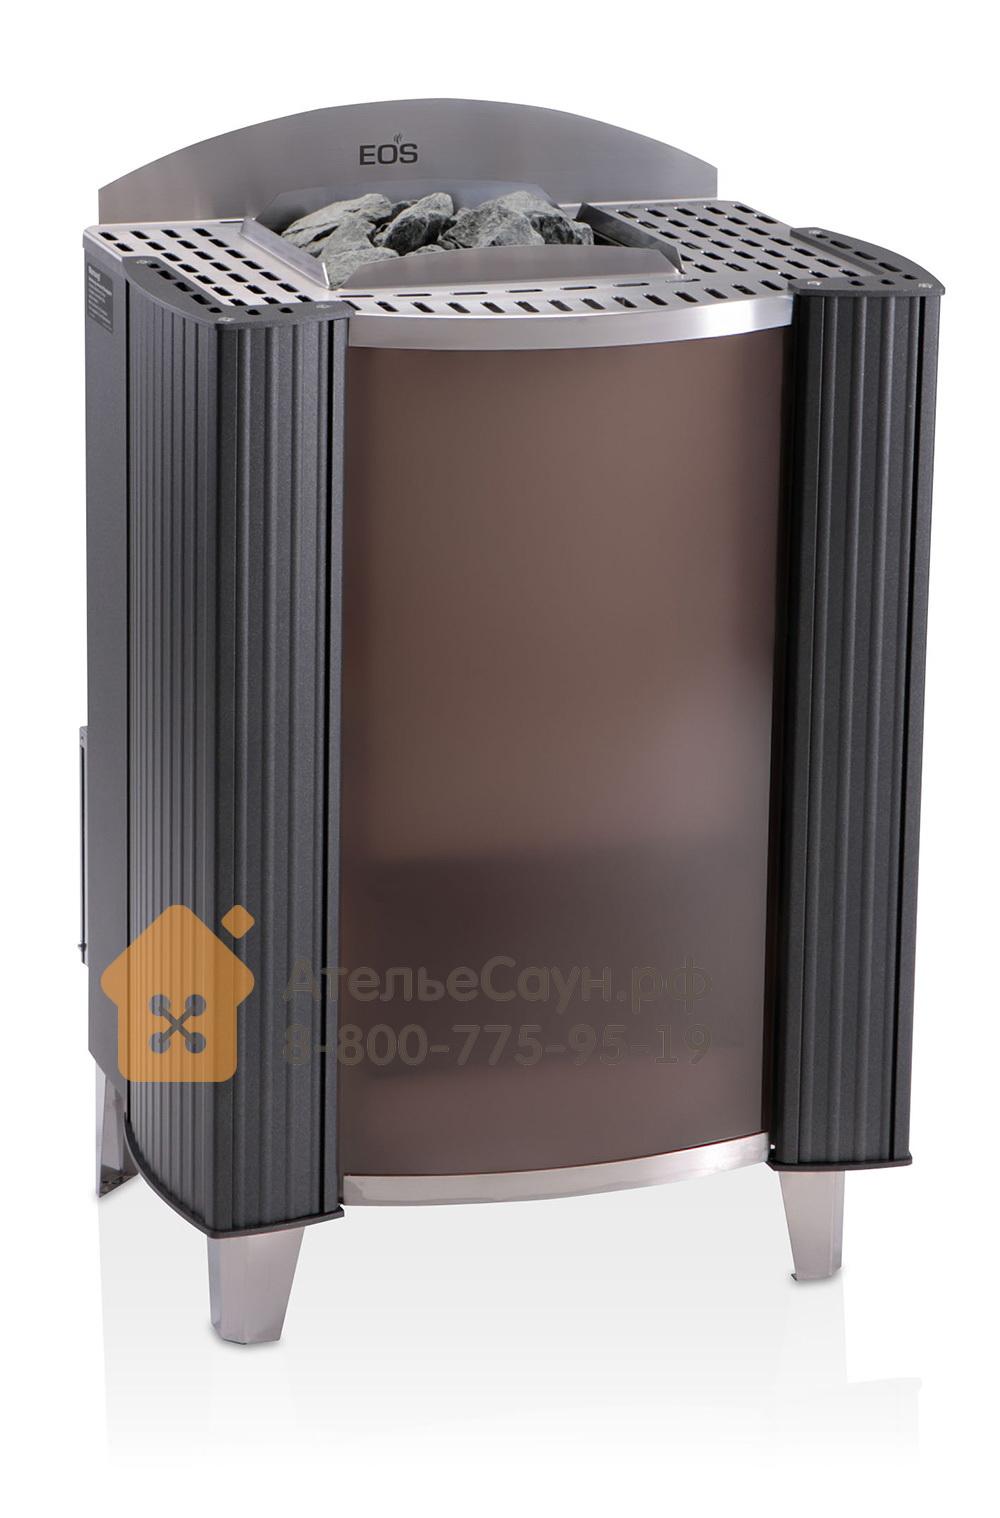 Печь EOS Germanius 18,0 кВт (антрацит)